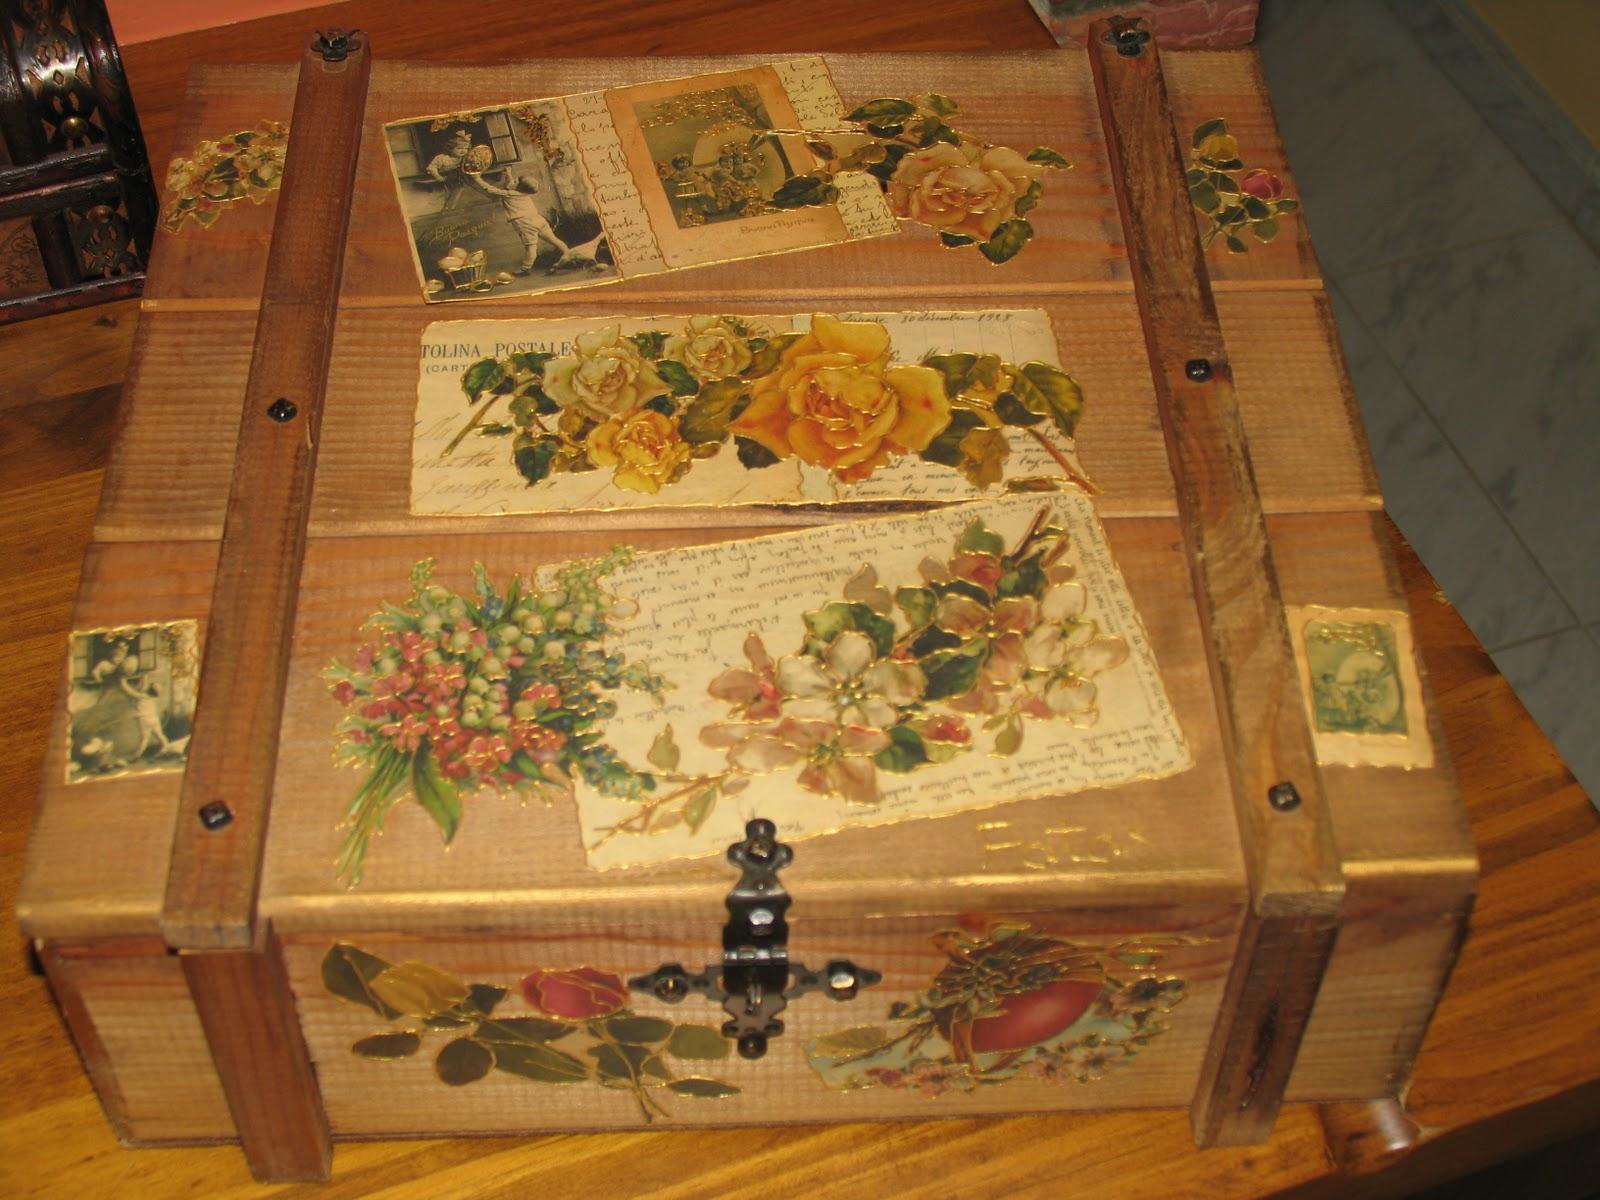 Manualidades cristina y maria cajas de madera decoradas - Manualidades en madera cajas ...